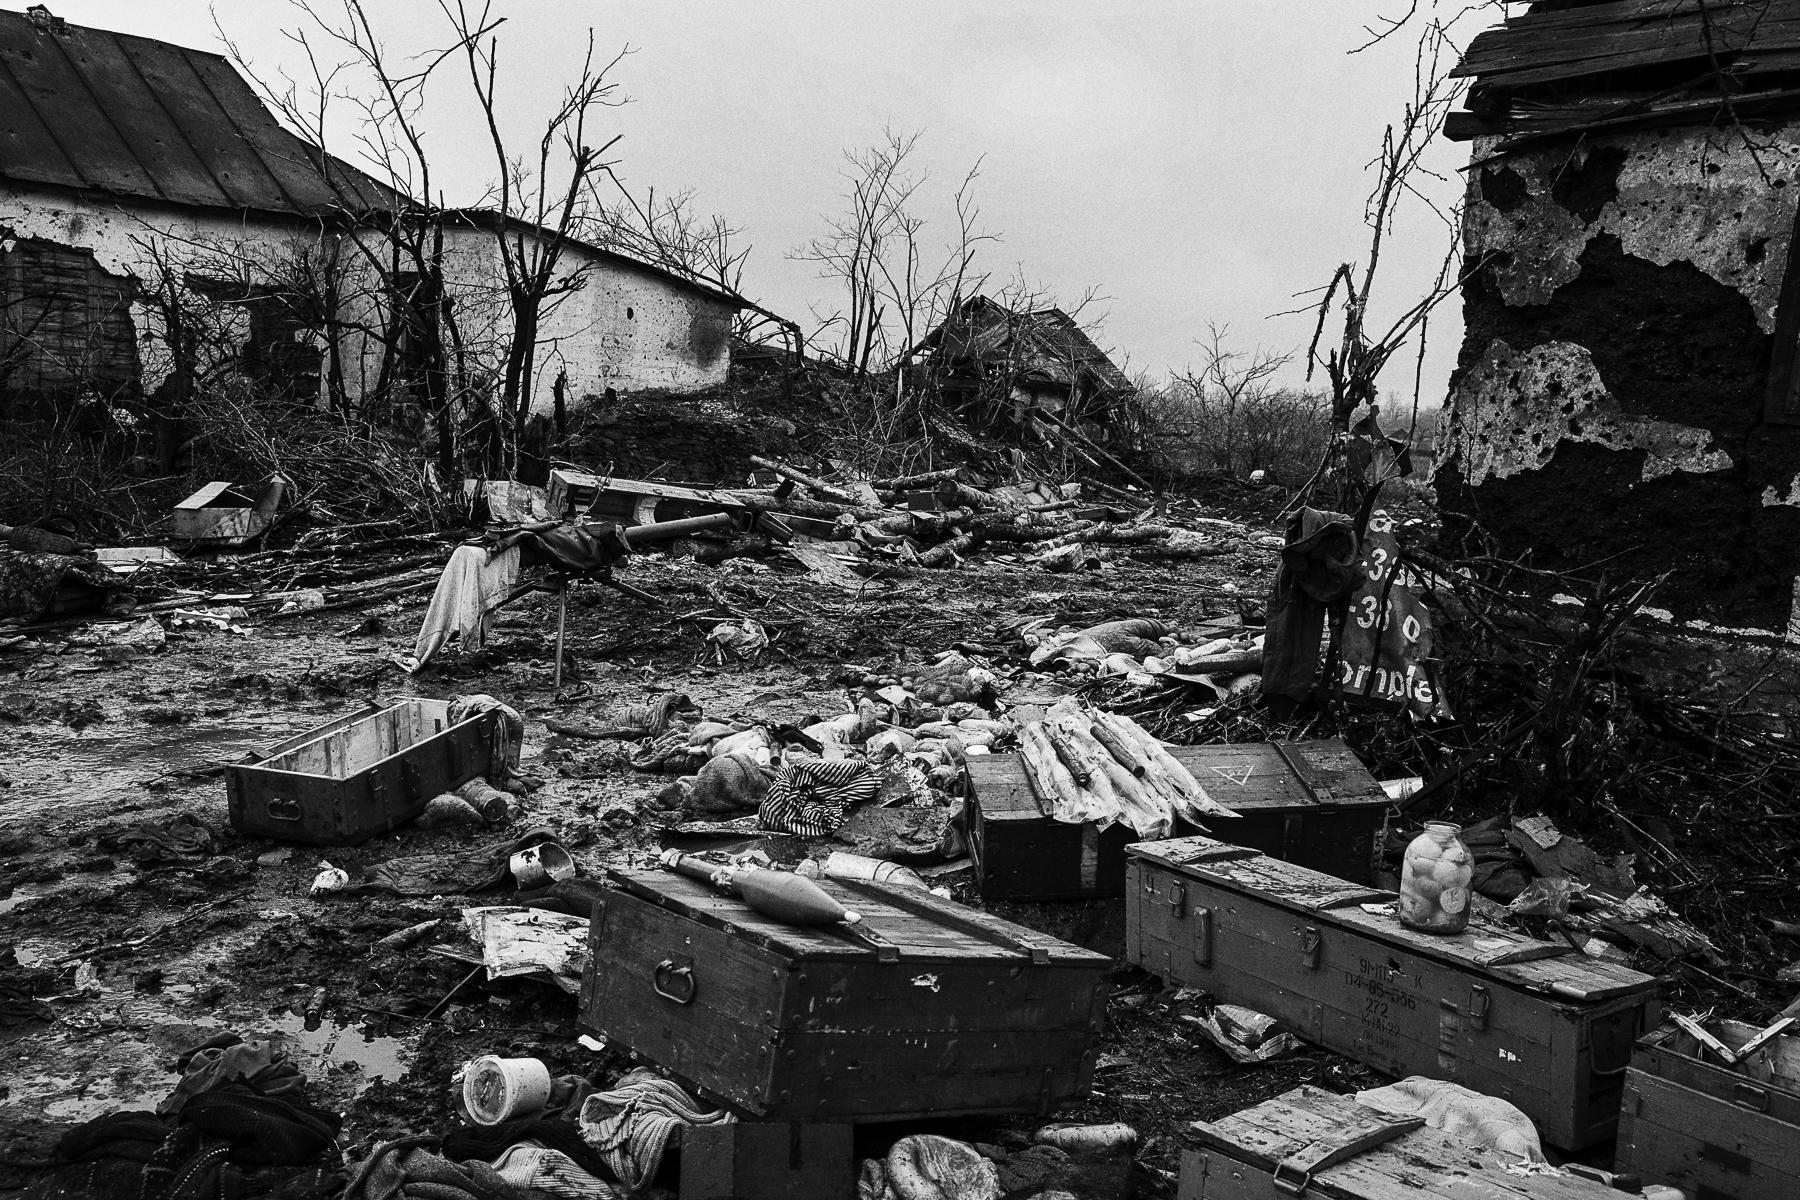 Le village de Nivichenko à 12 km de Debaltseve à été complètement détruit par la bataille qui a opposée l\'armée Ukrainienne et les forces séparatistes. Les rebels tiennent le village et on pris position dans l\'école et dans les ruines